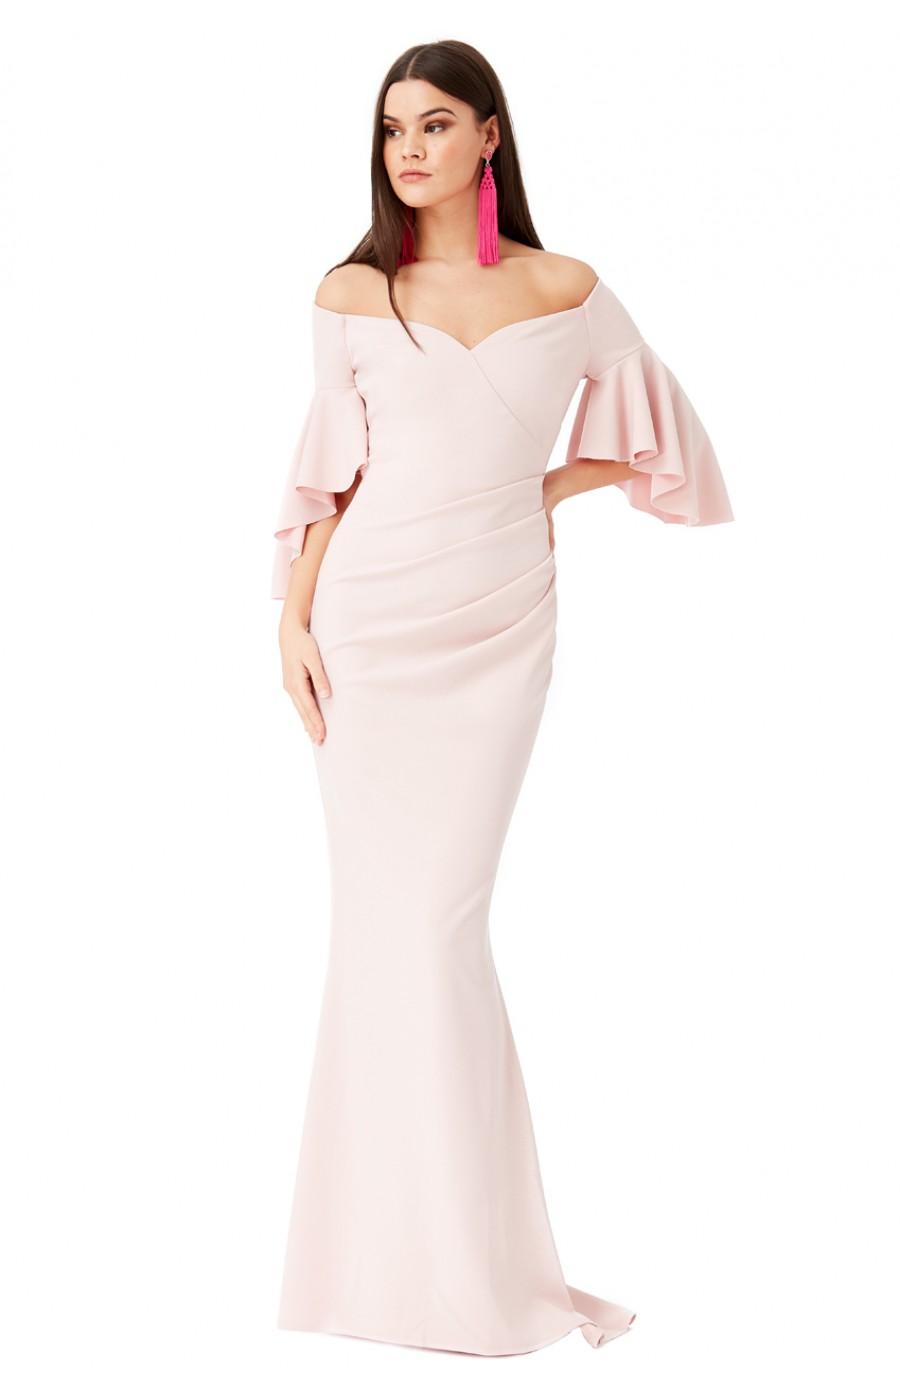 Μπεζ μακρύ επισημο φόρεμα